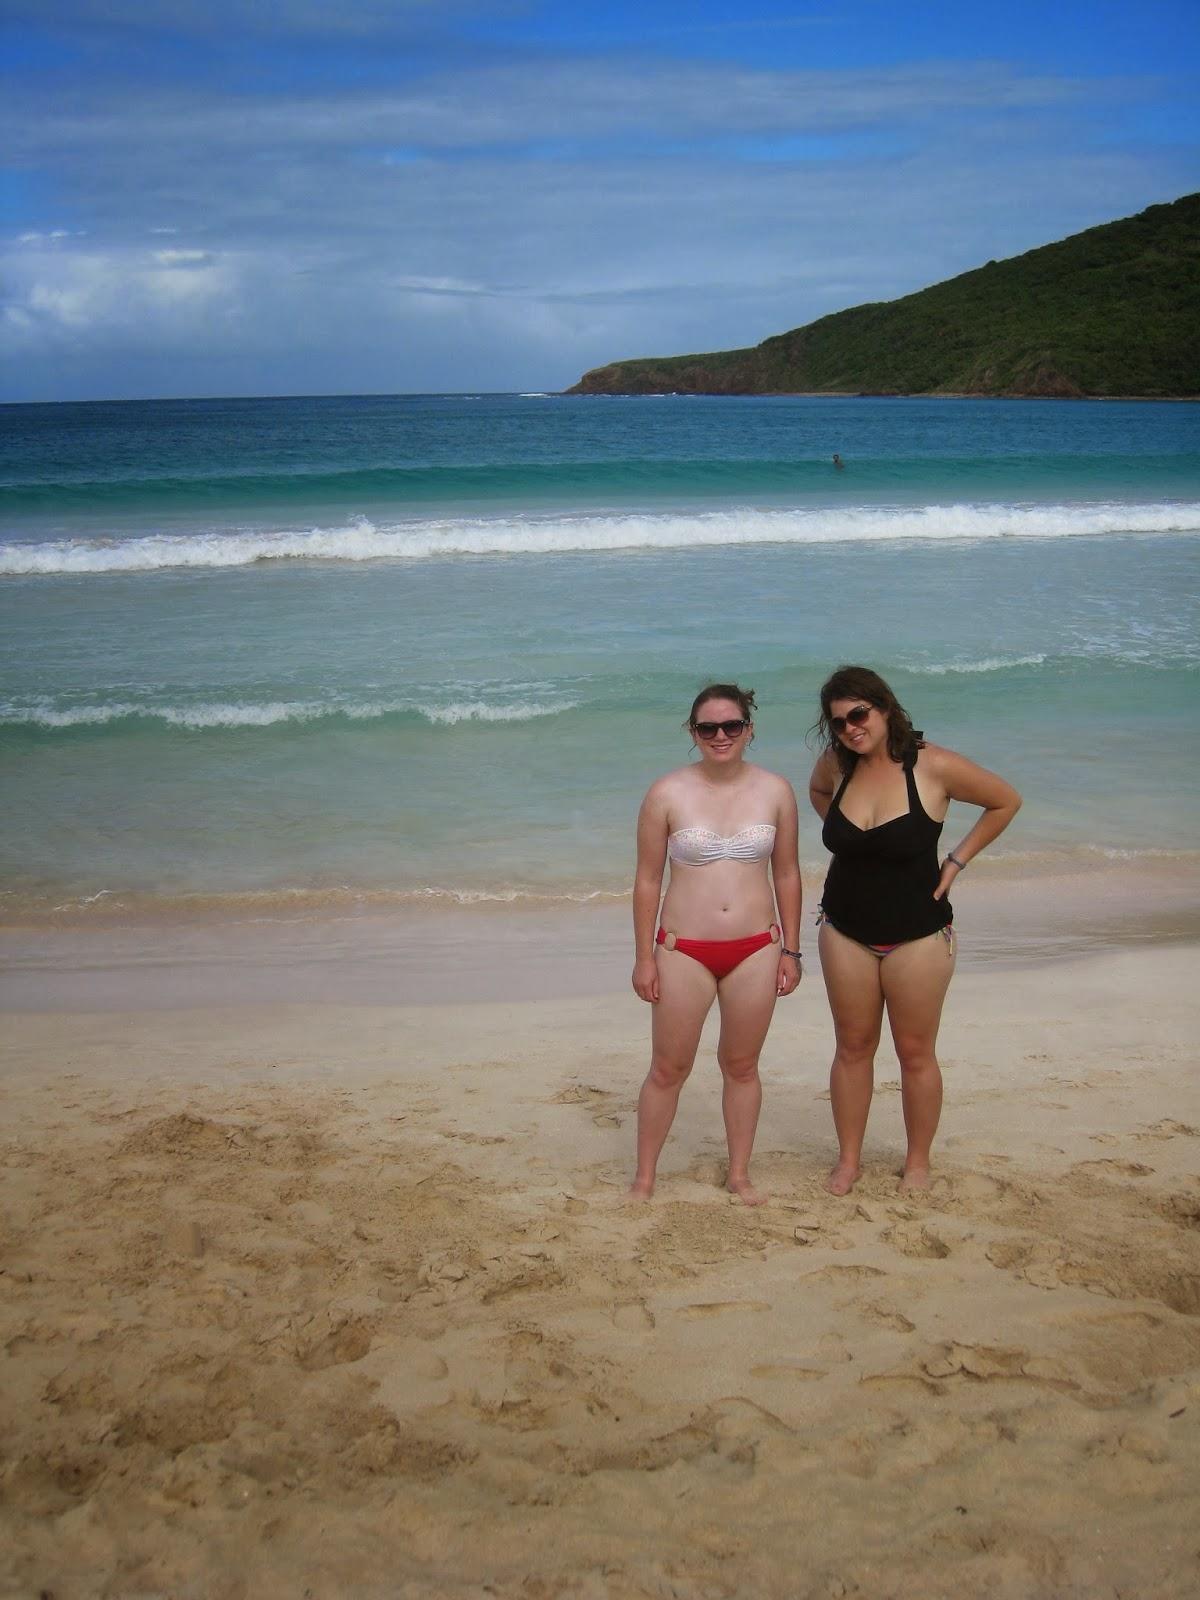 Pics of skinny dip